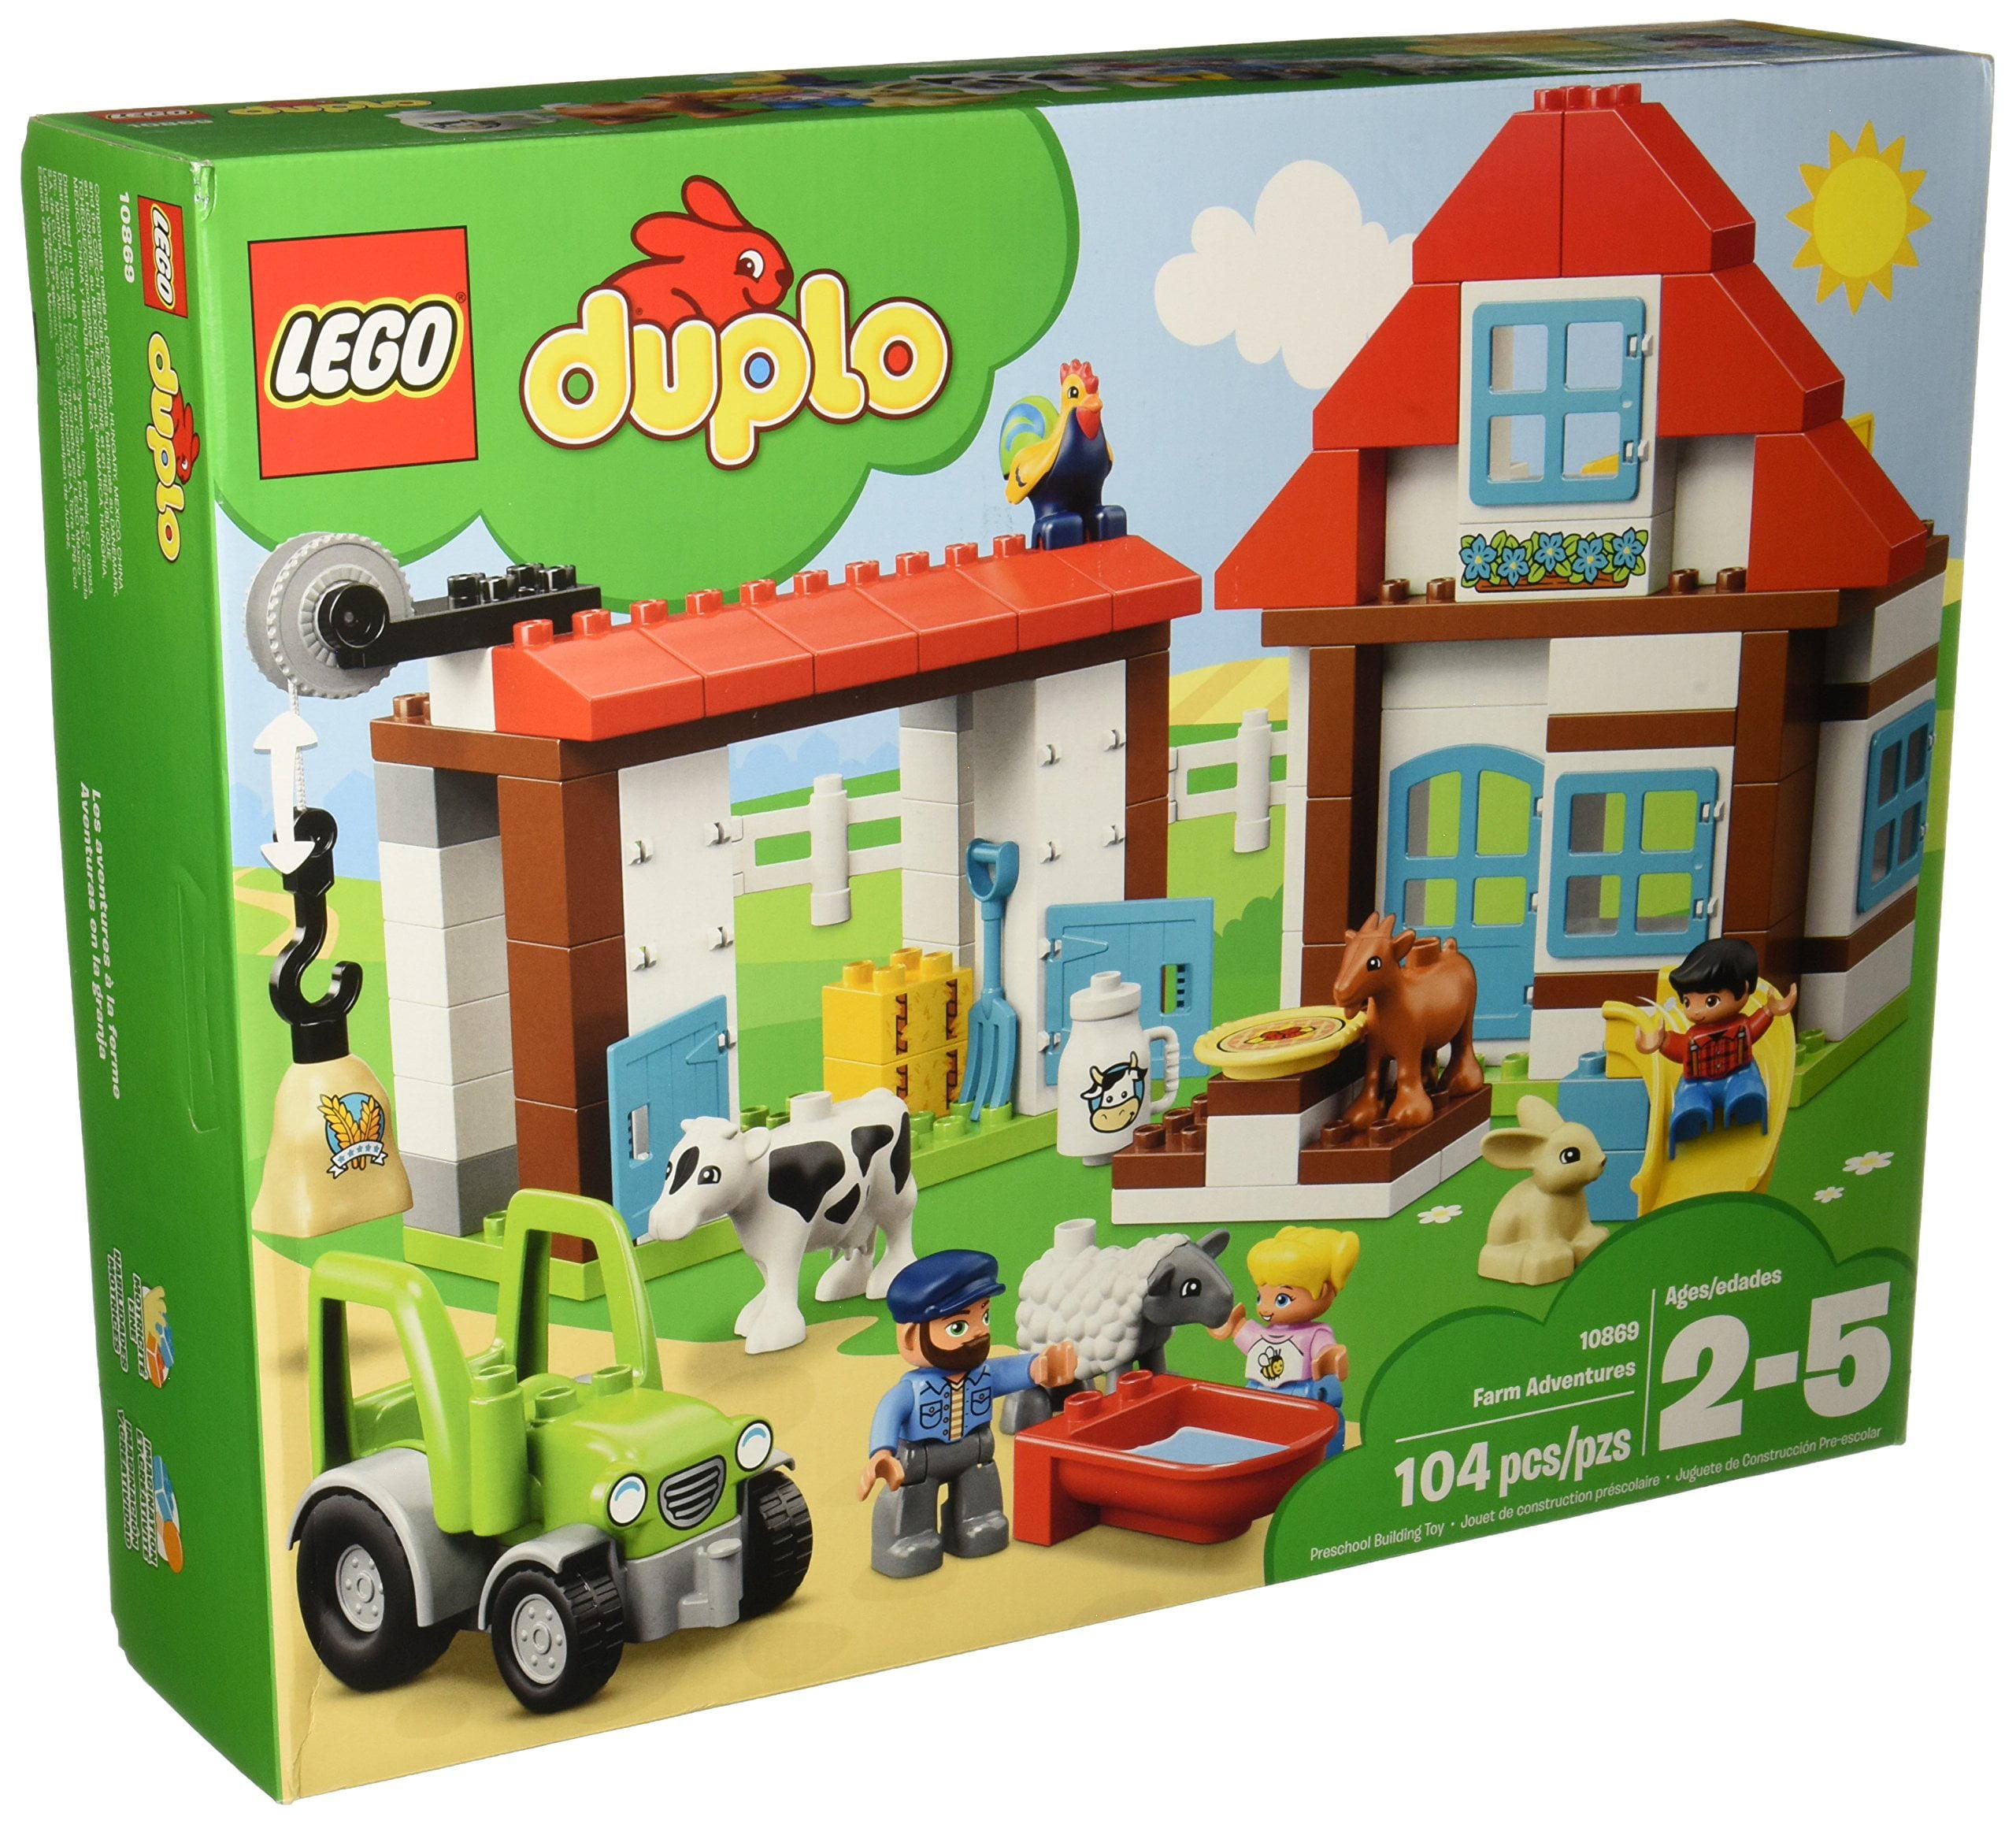 Farm Adventures by Lego